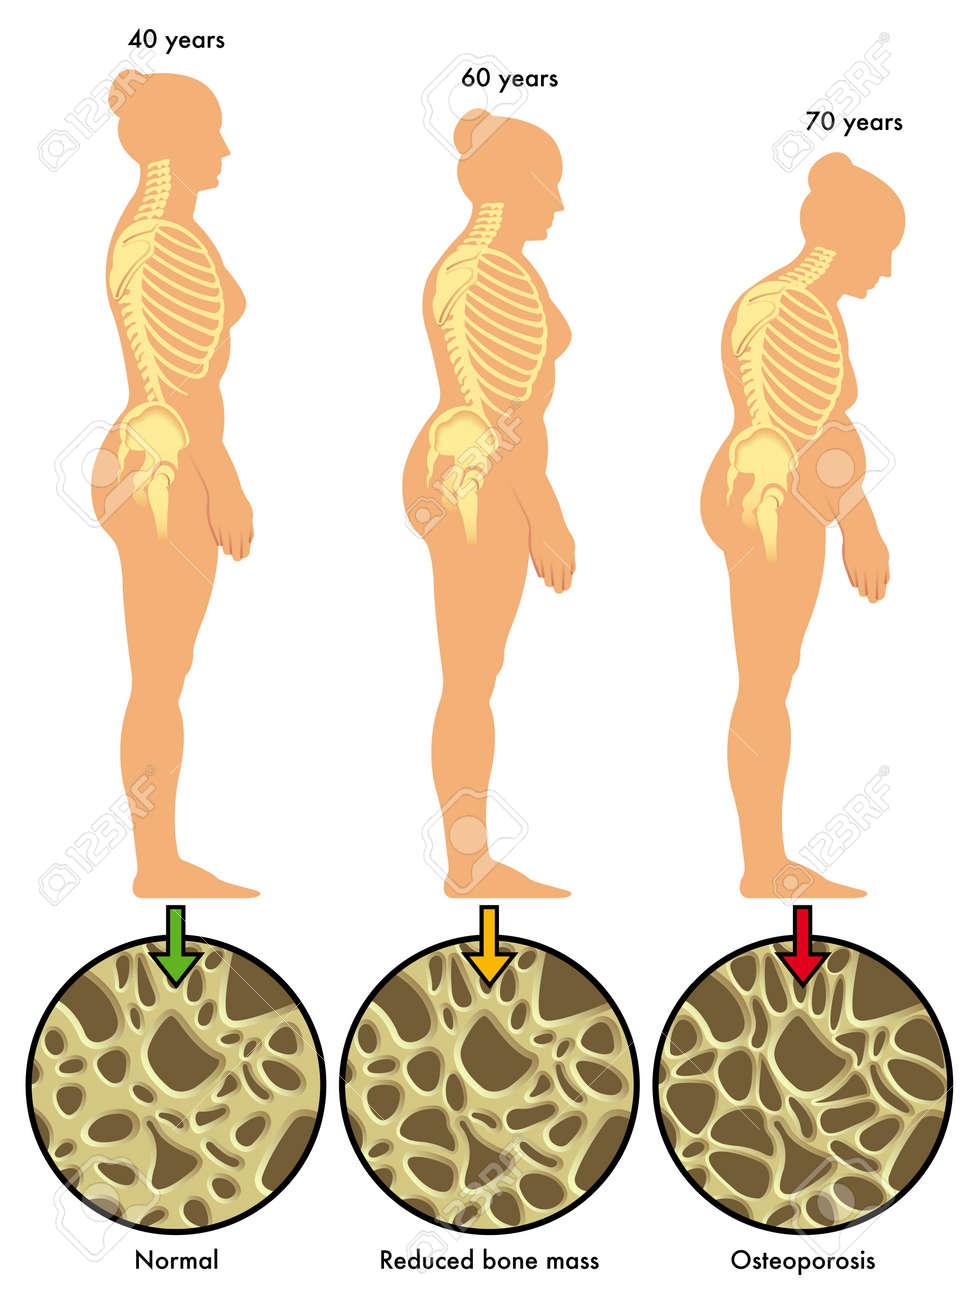 osteoporosis 3 - 18003390